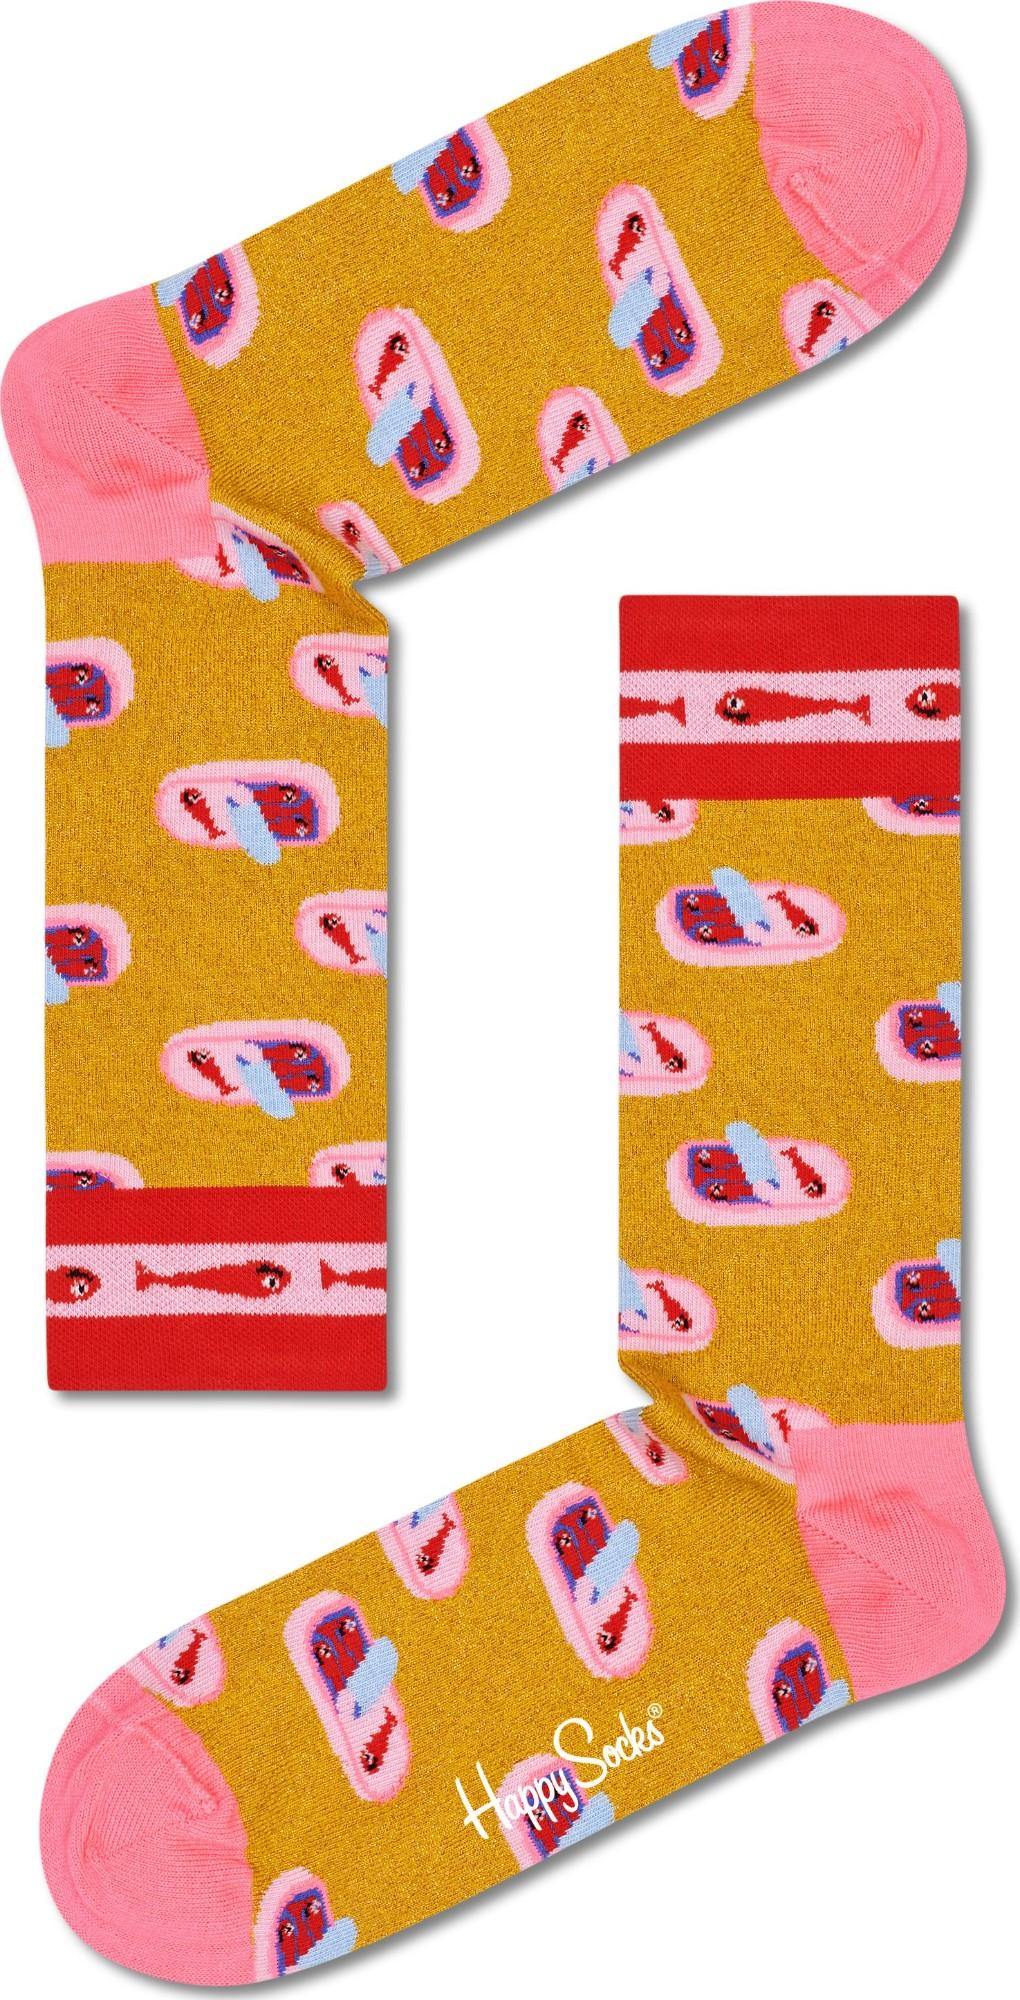 Happy Socks Sardines In A Tin Multi 2400 36-40